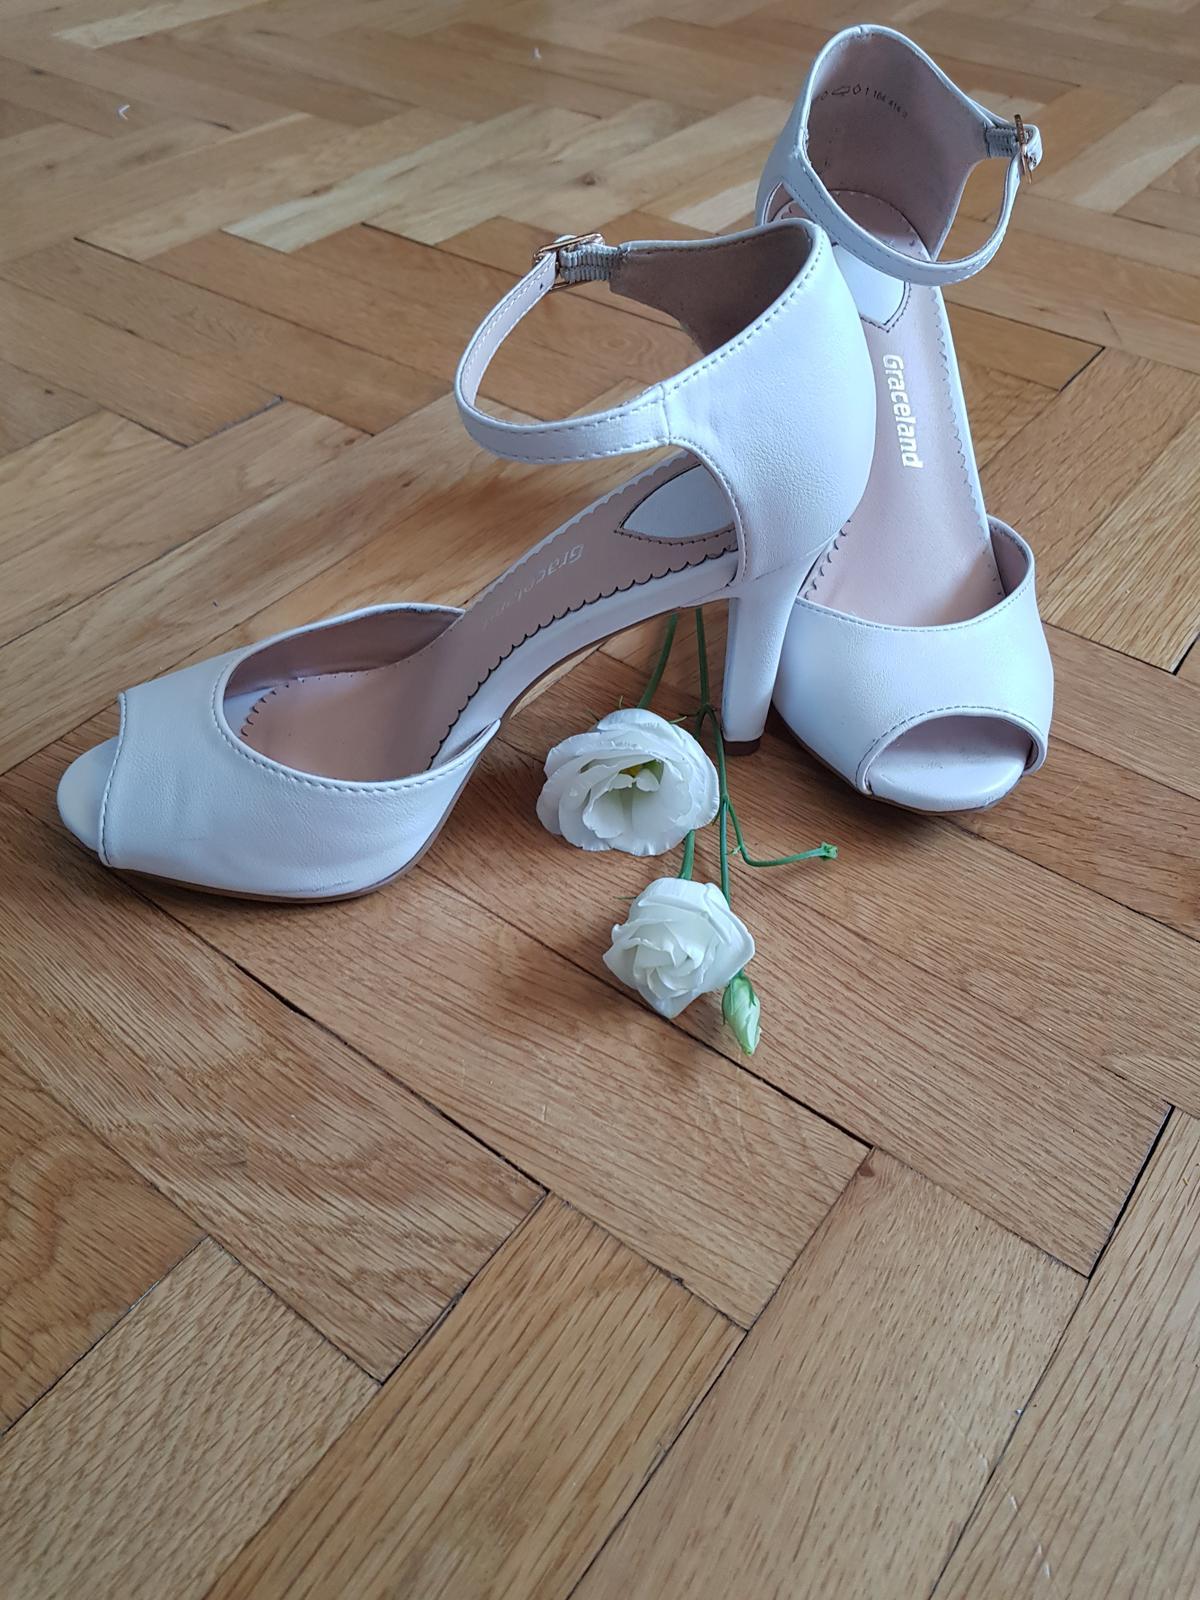 Svadobné pohodlné topánky - Obrázok č. 2